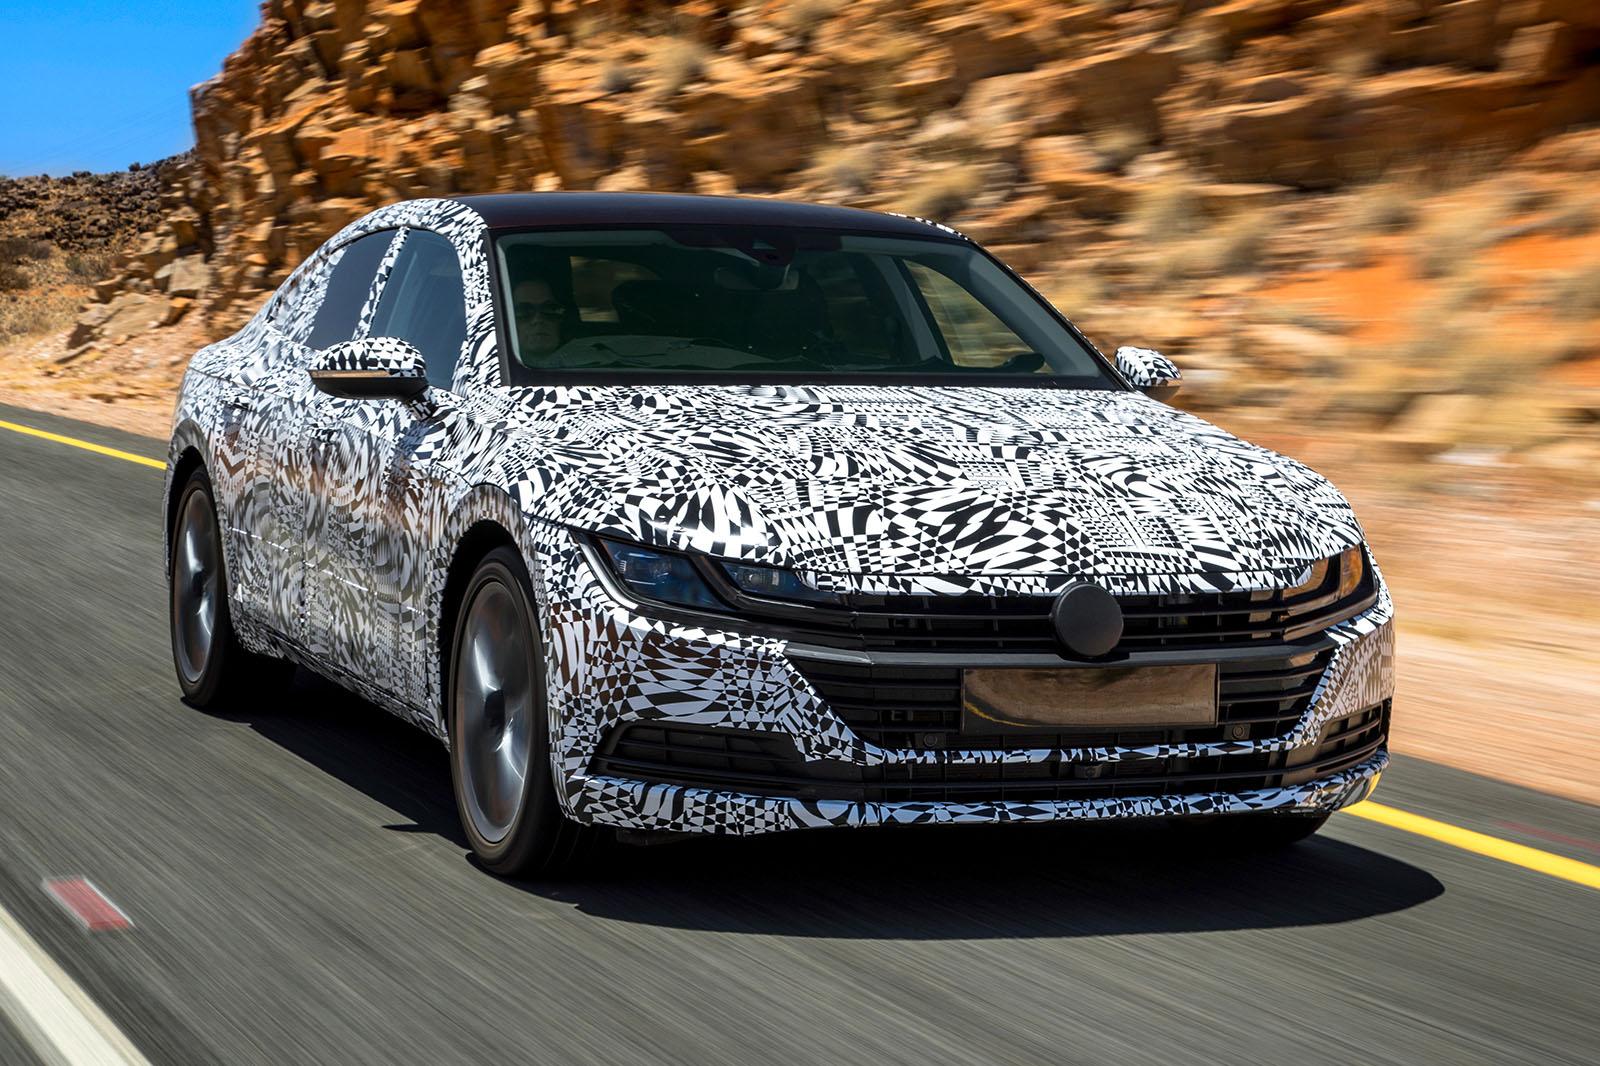 Volkswagen passat review 2017 autocar - What S It Like